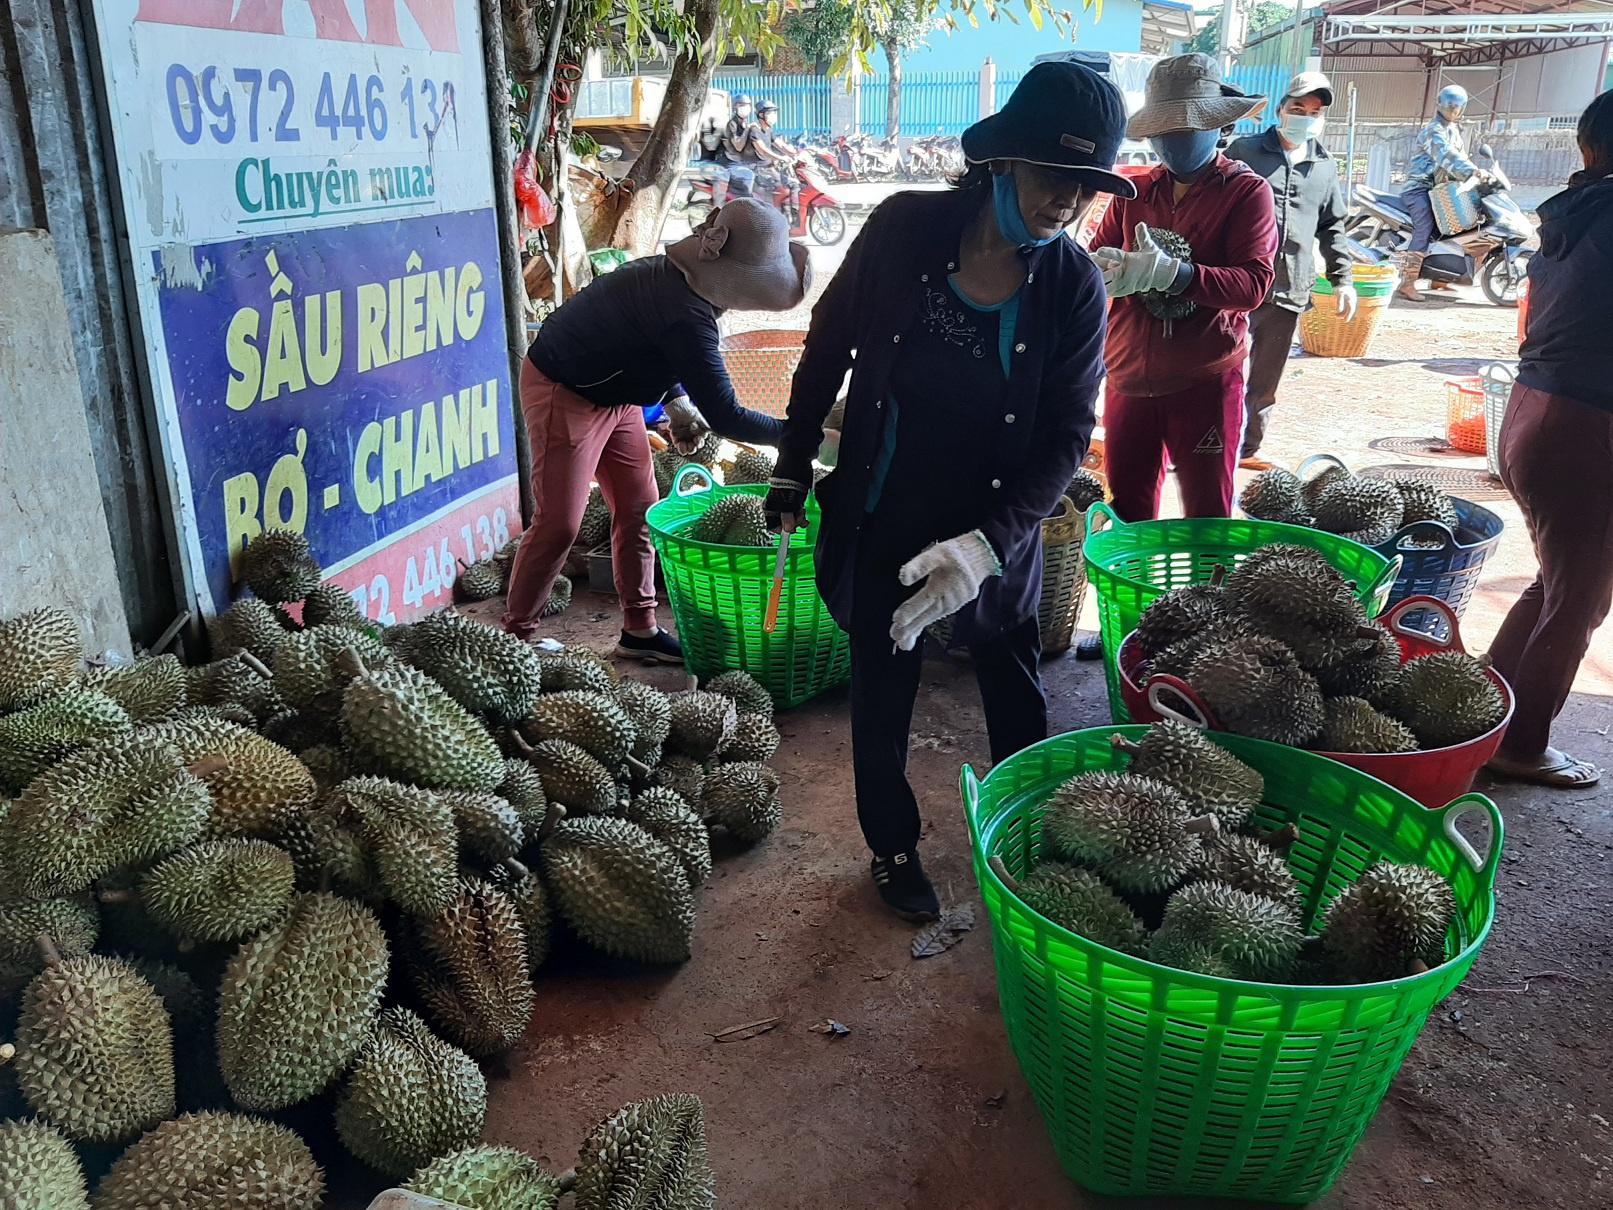 Một đại lý thu mua sầu riêng, bơ ở H.Krông Pắk (Đắk Lắk). Ảnh: Trung Chuyên